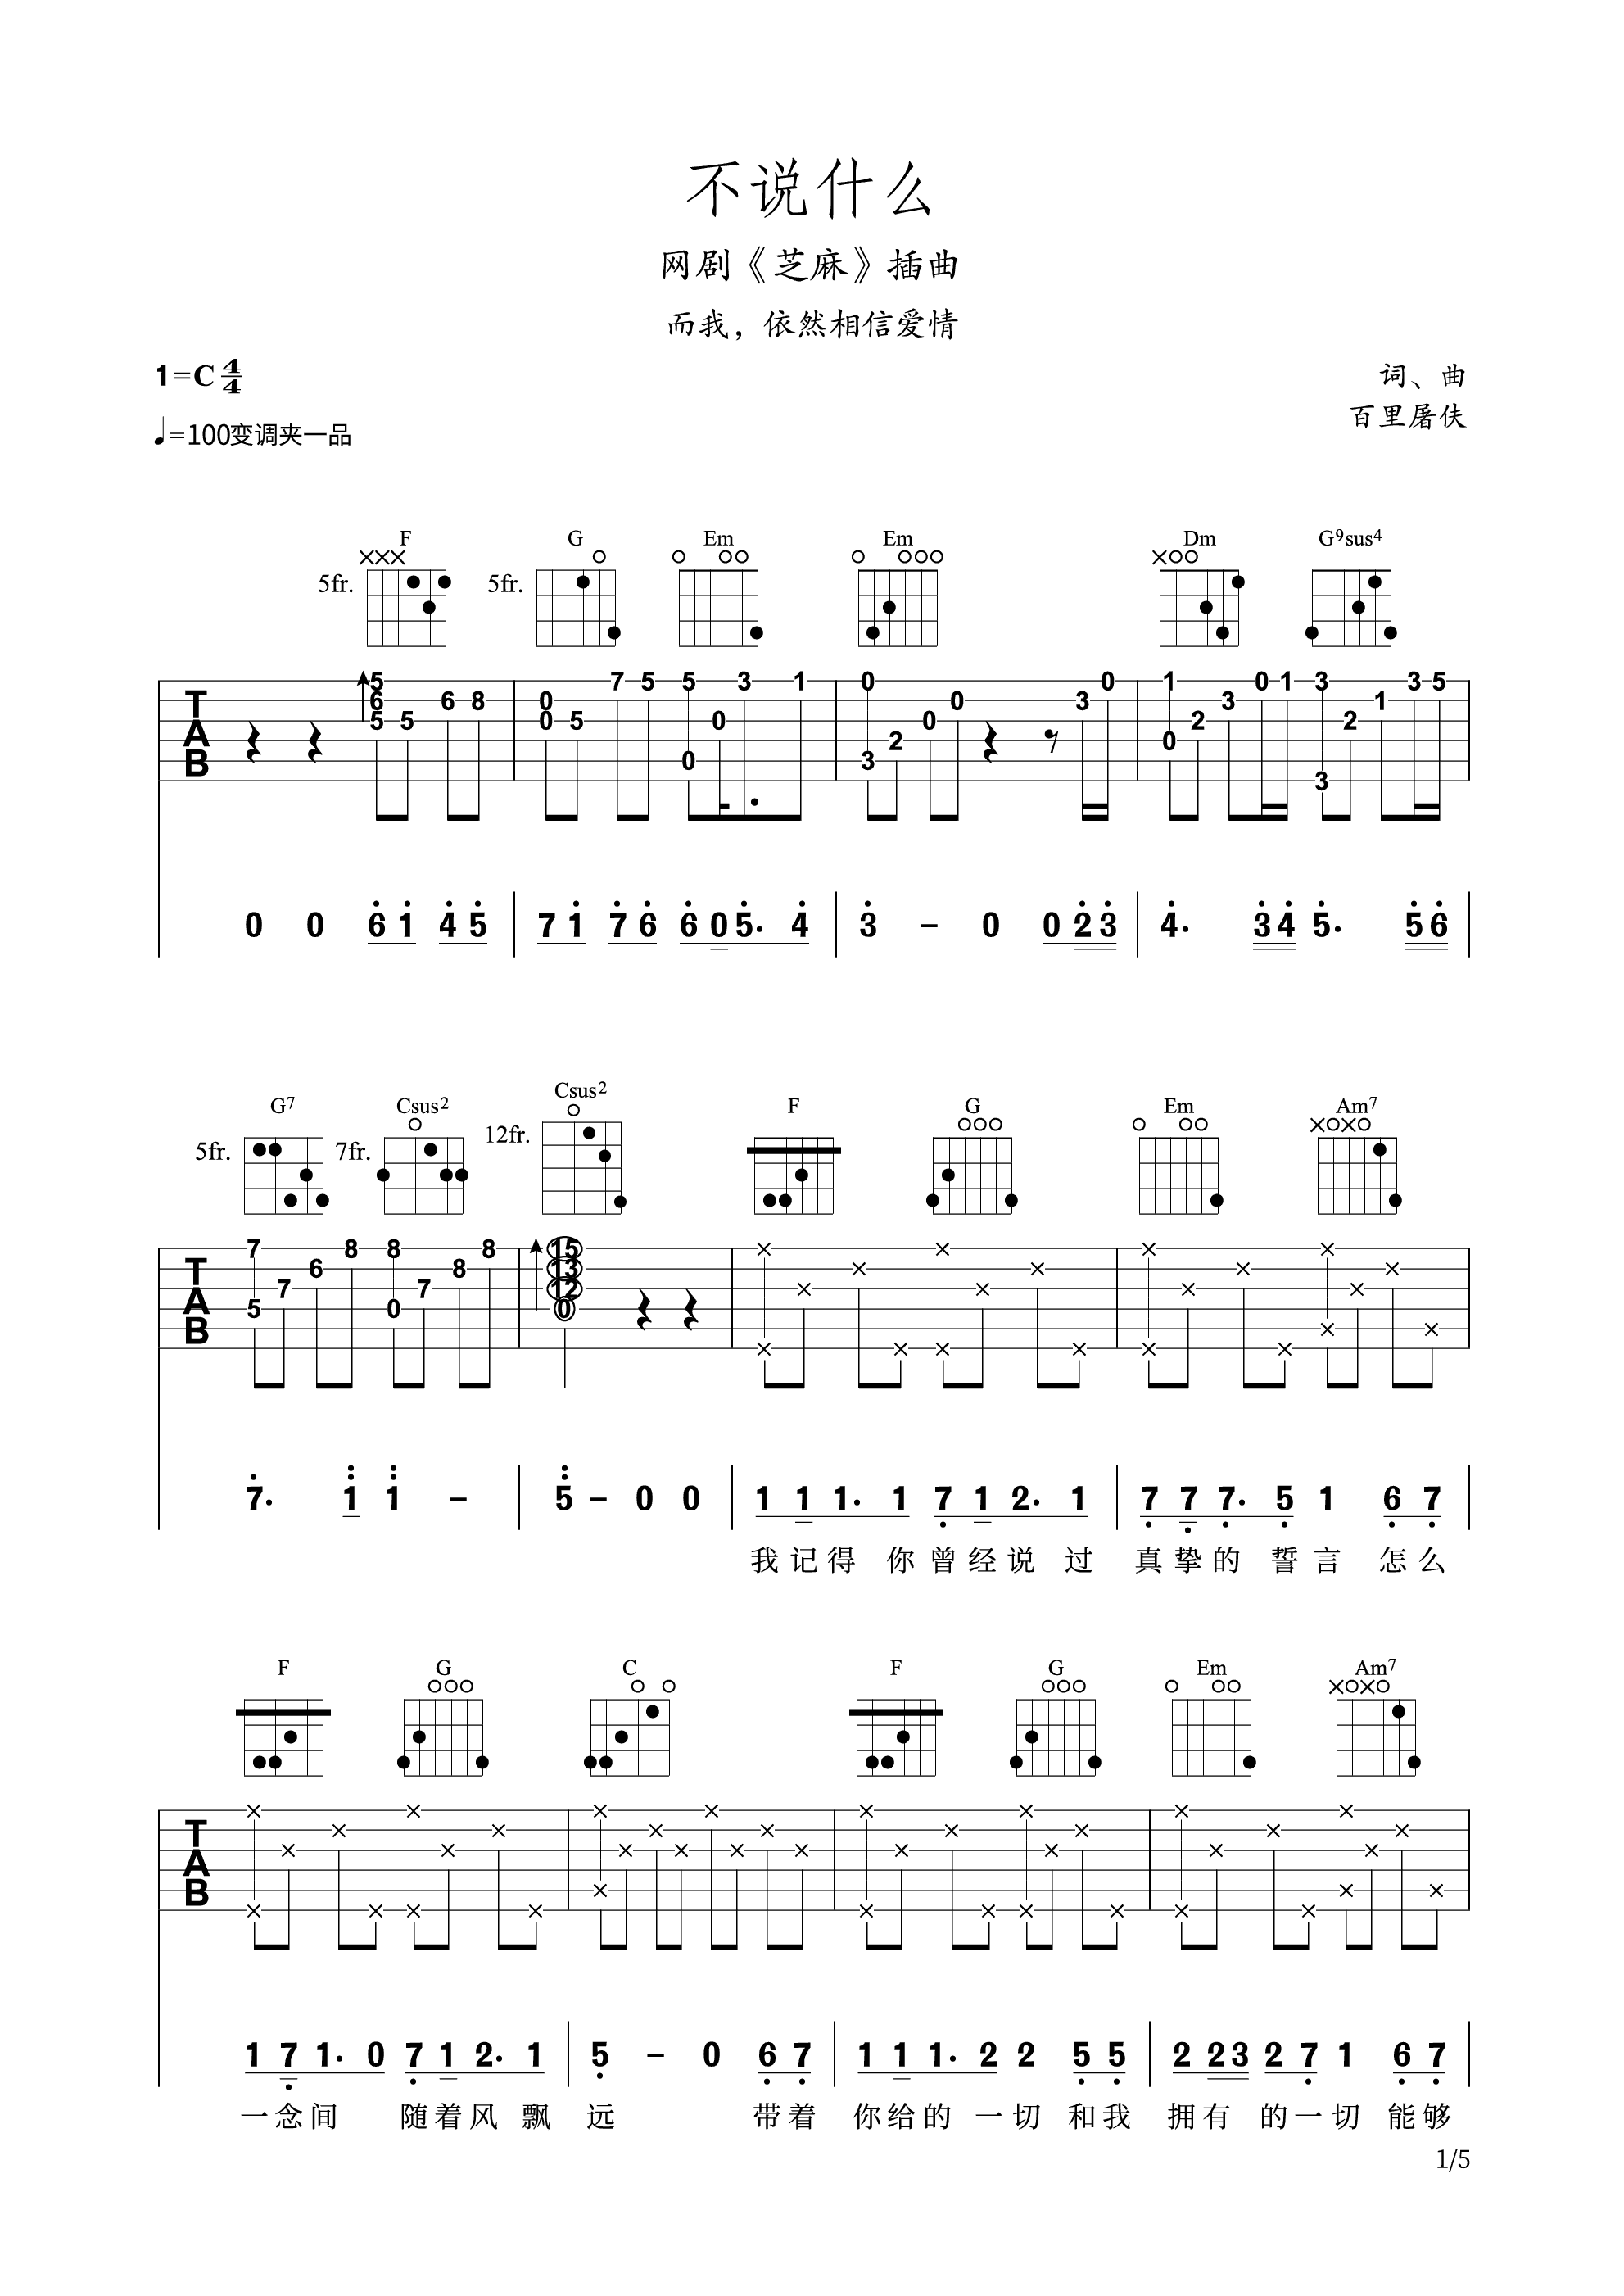 网剧《芝麻》插曲 - 不说什么吉他谱1